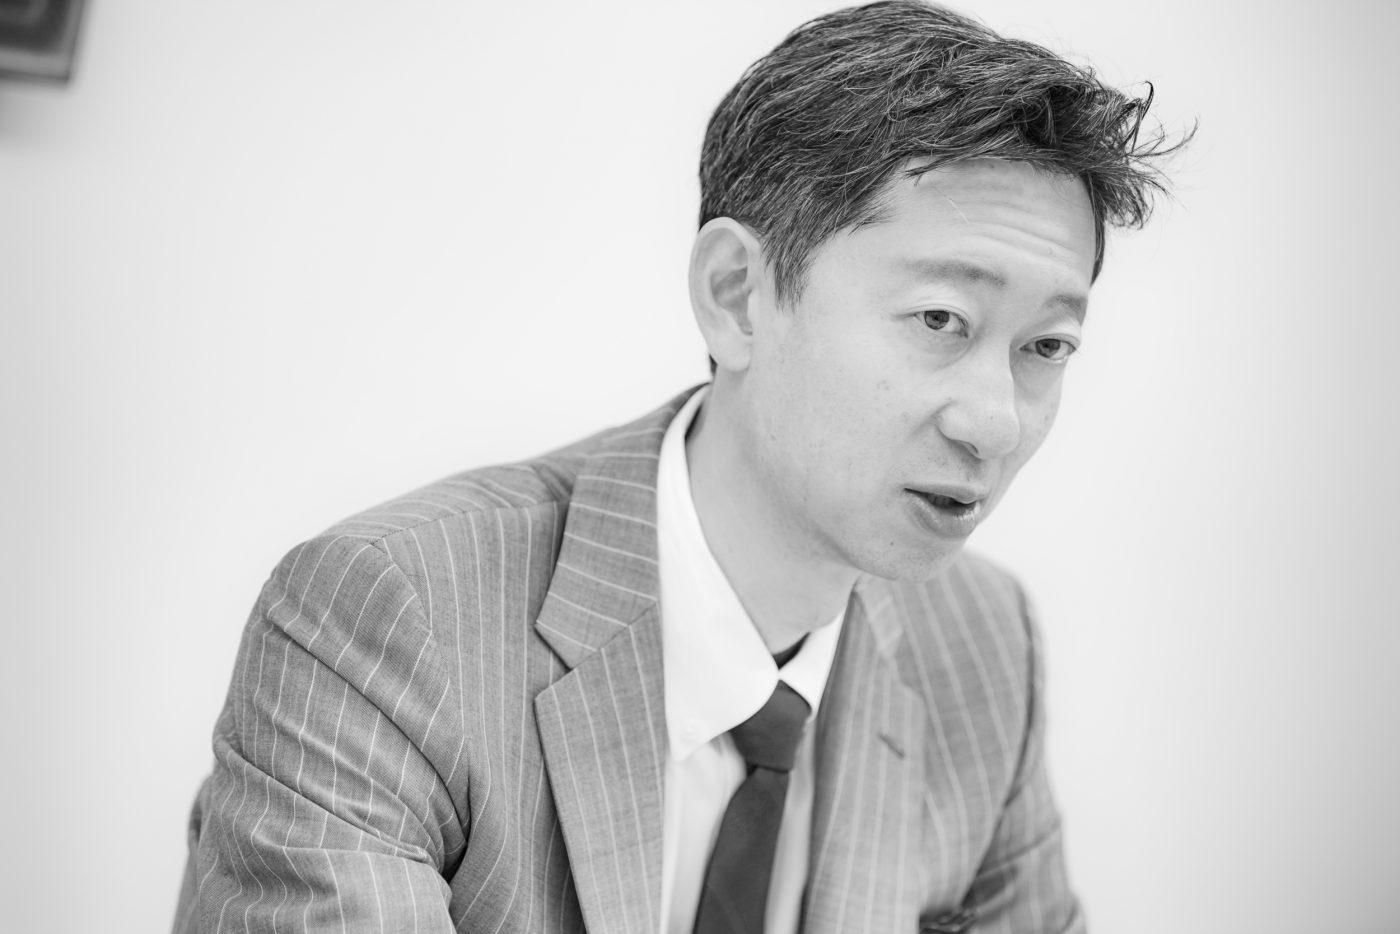 日本にはまだまだ優秀なシーズが眠っている。「アイデア」と「事業化力」の両面から医療機器のイノベーションを支援 内田毅彦(後編)